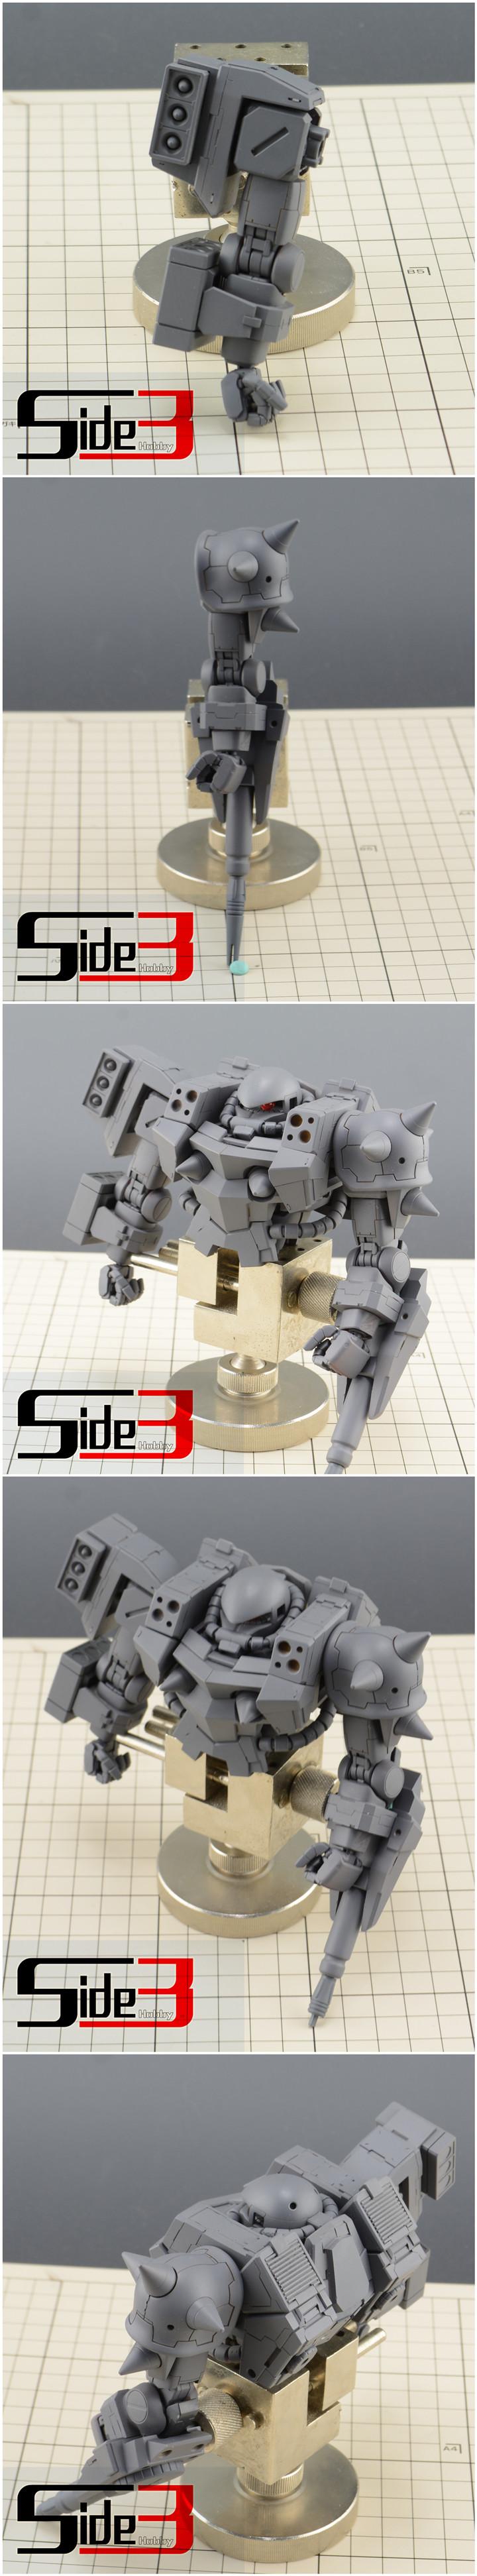 G200_zaku_super_GK_022.jpg